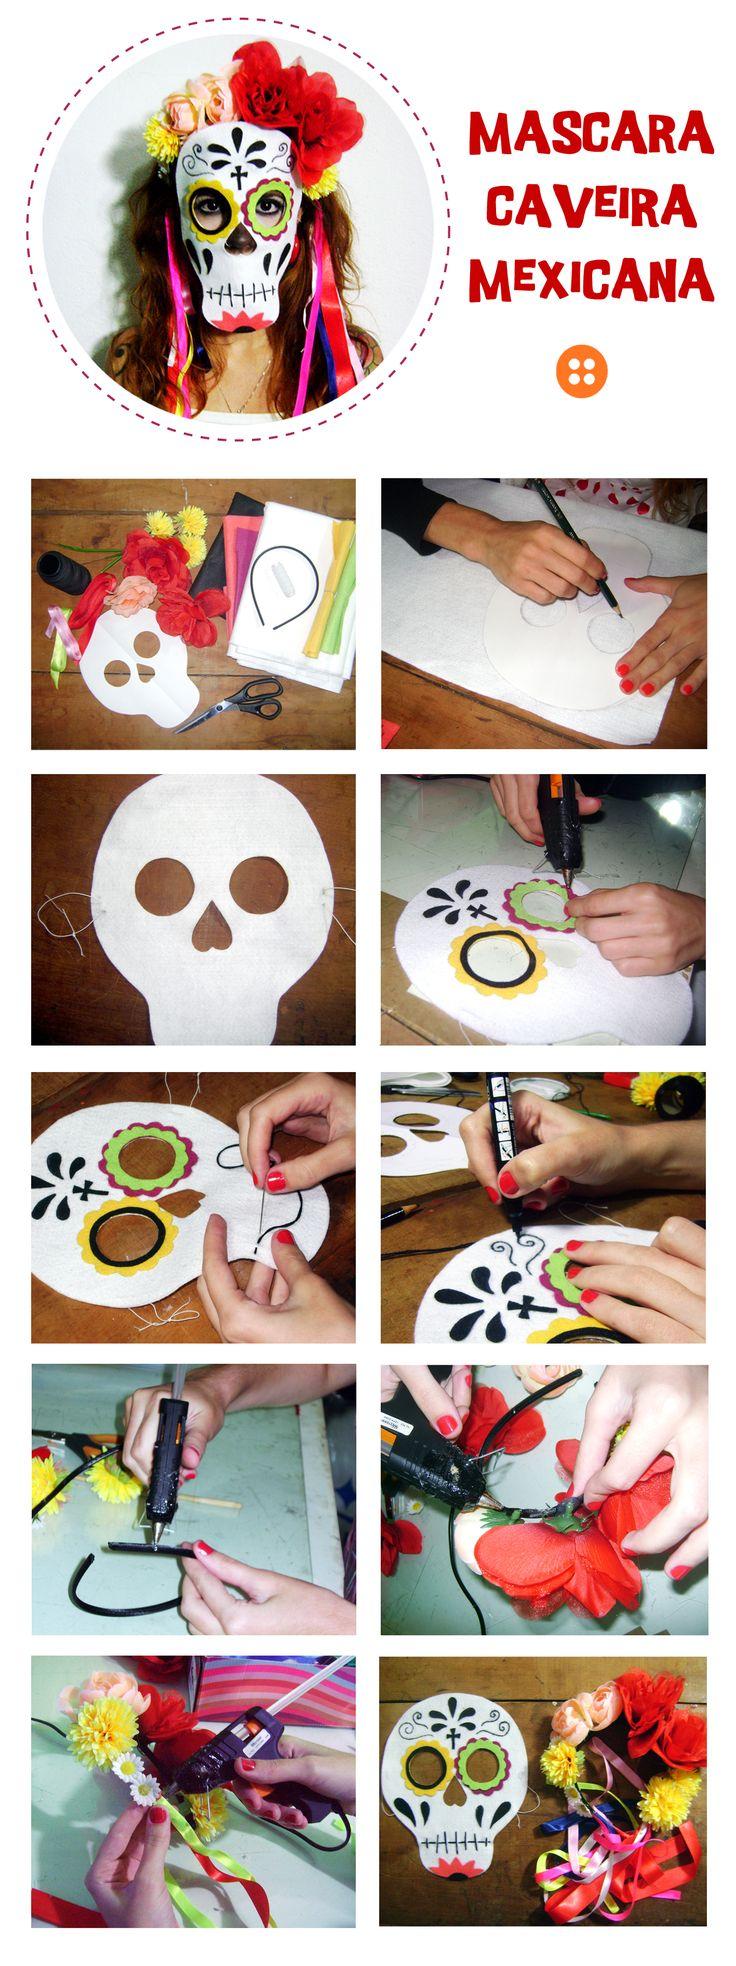 Máscara Mexicana - Dia de Los Muertos http://patoy.wordpress.com/2013/02/09/mascara-mexicana-faca-voce-mesmo-diy/